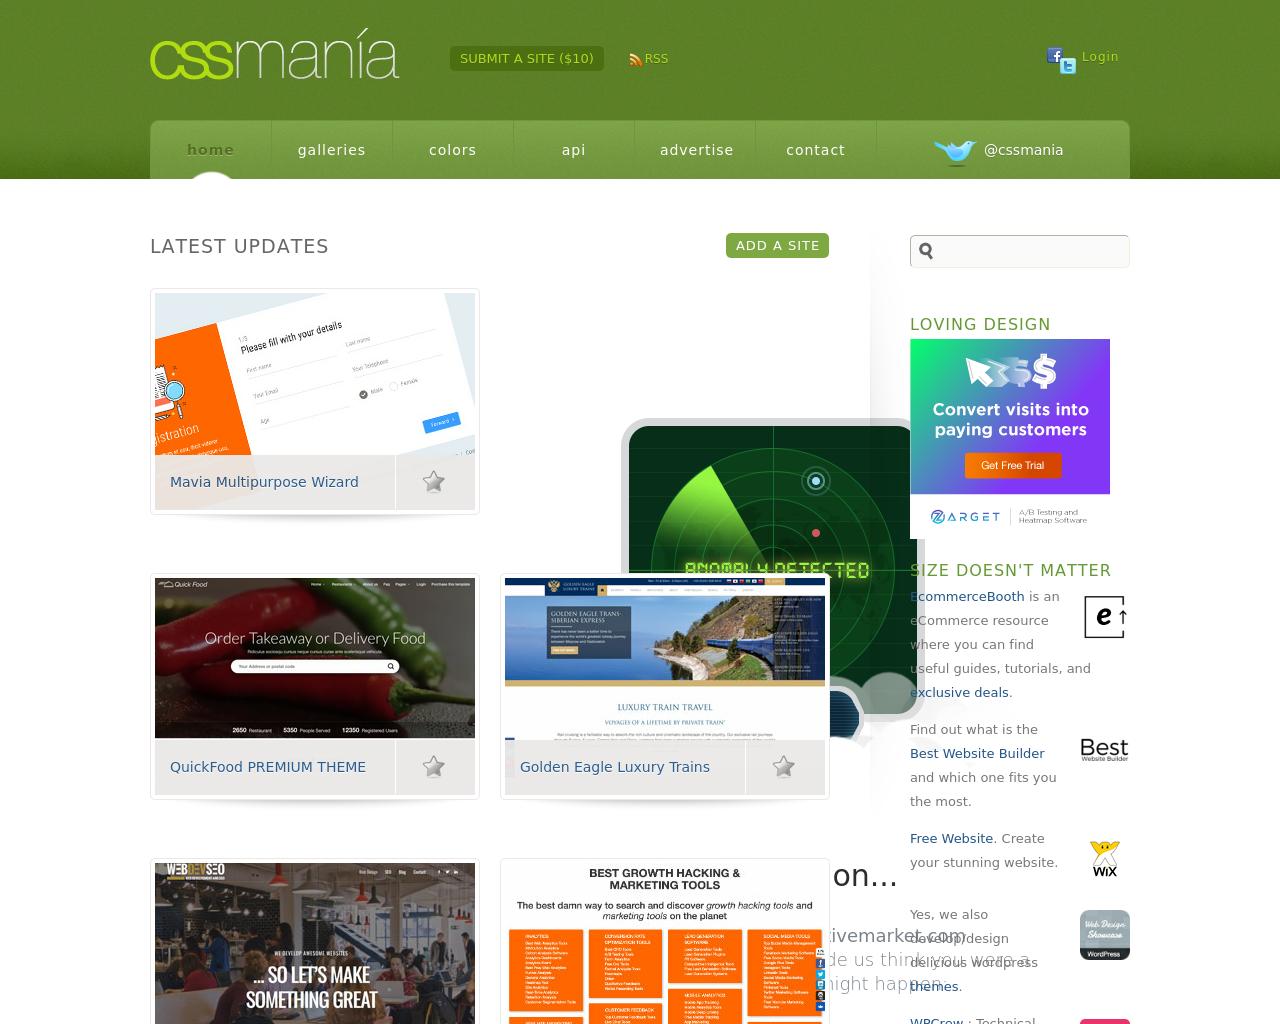 Cssmania-Advertising-Reviews-Pricing